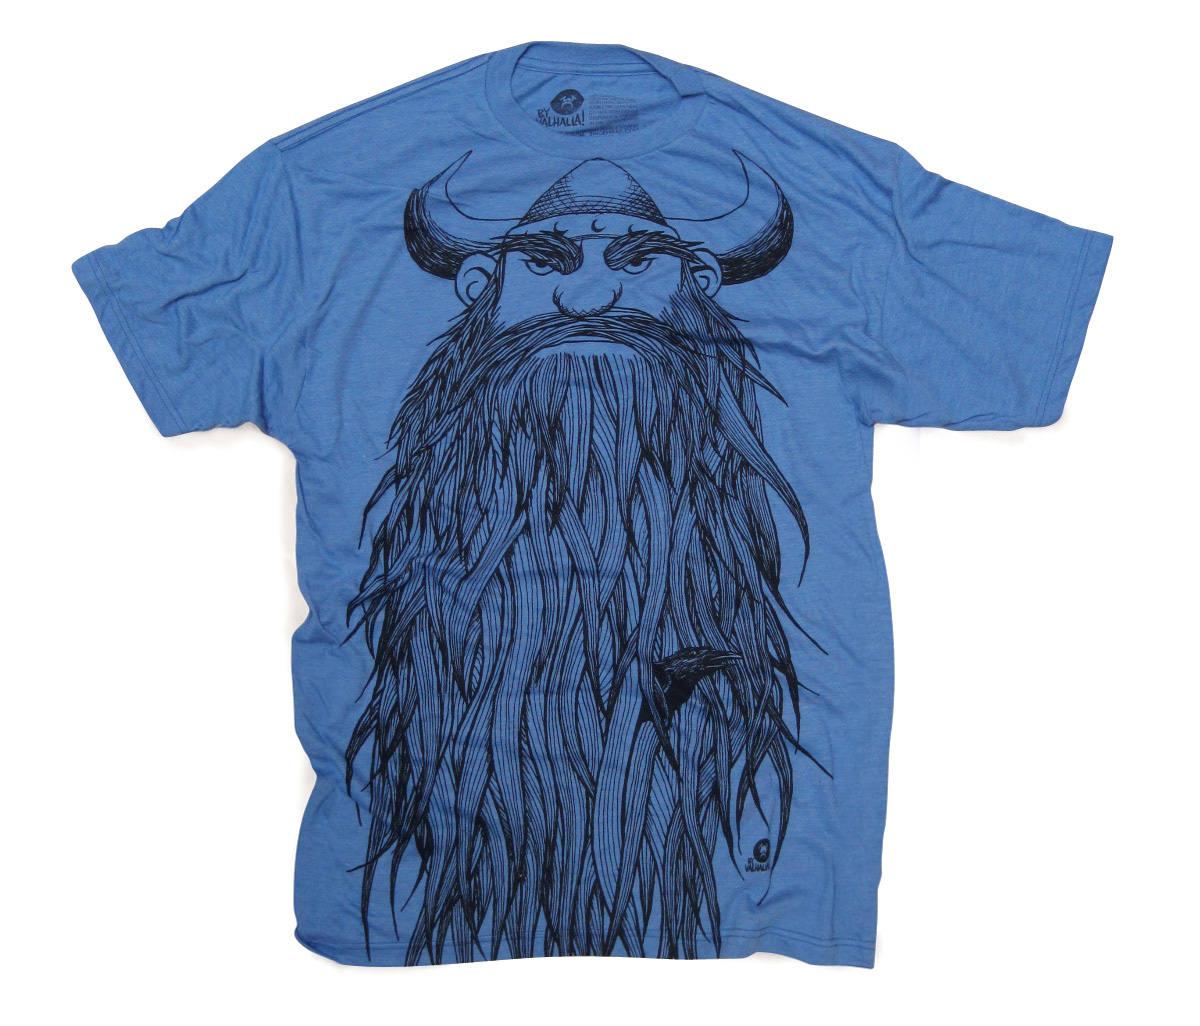 Valhalla Viking Shirt